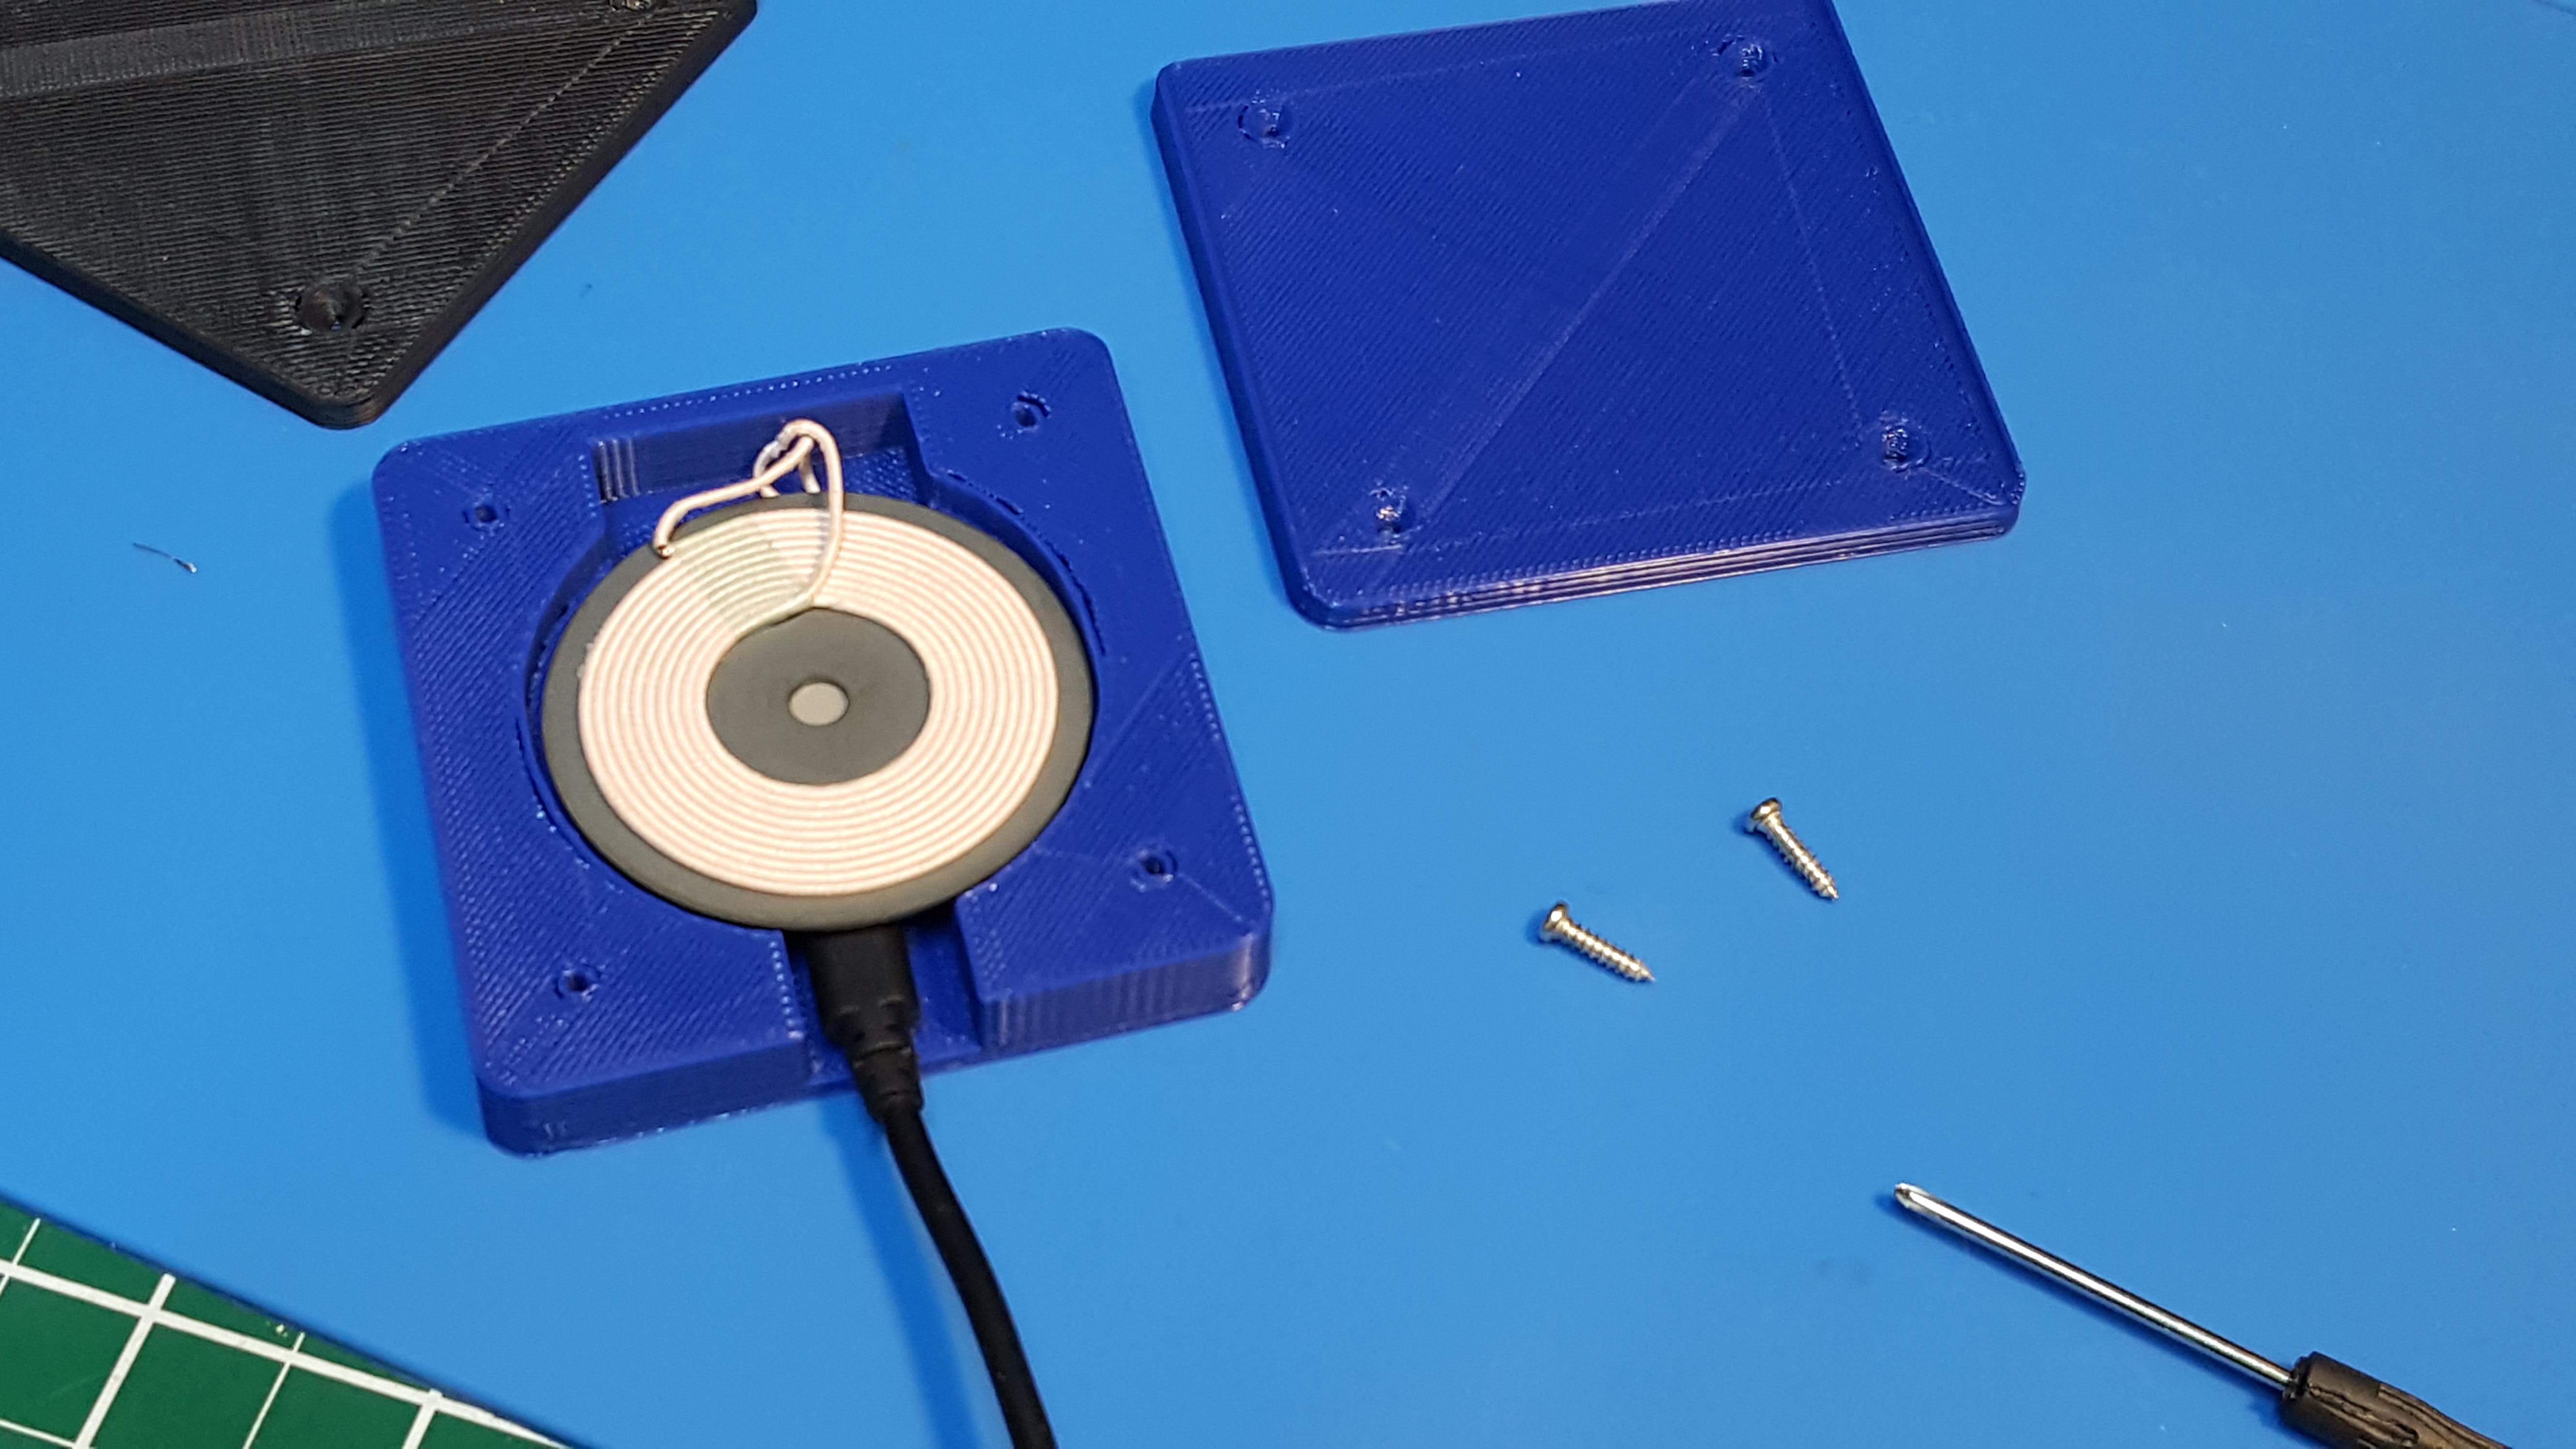 WirelessCharger2